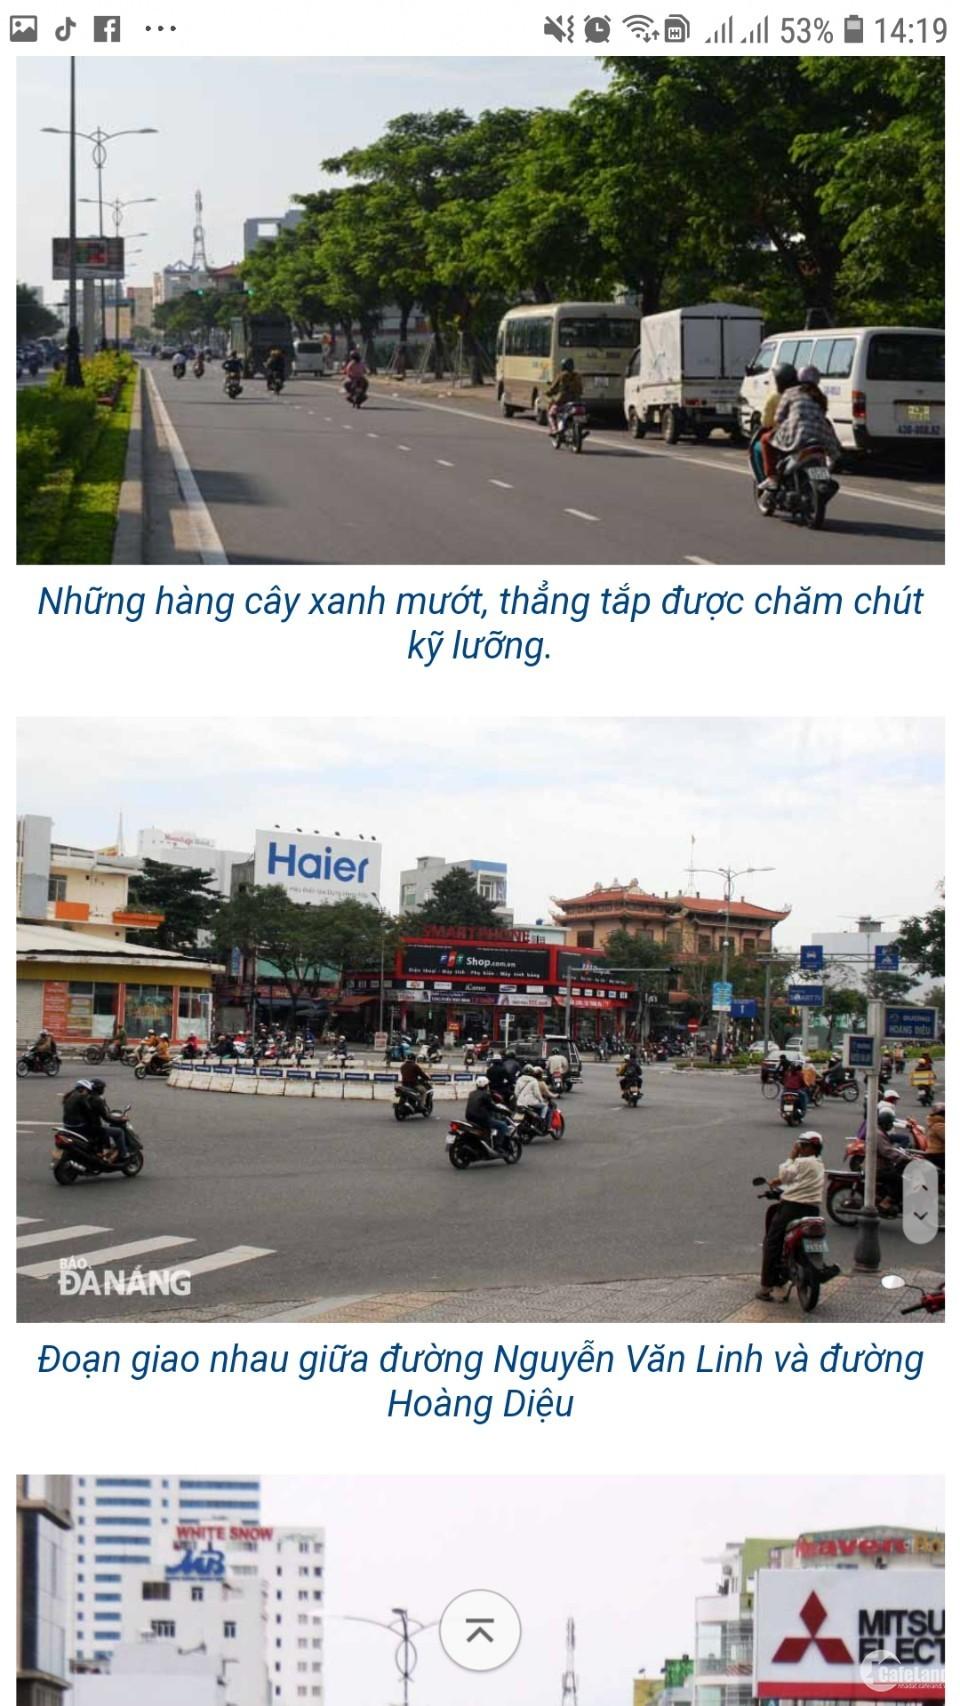 Bán đất kiệt Nguyễn Văn Linh cách sân bay 200m